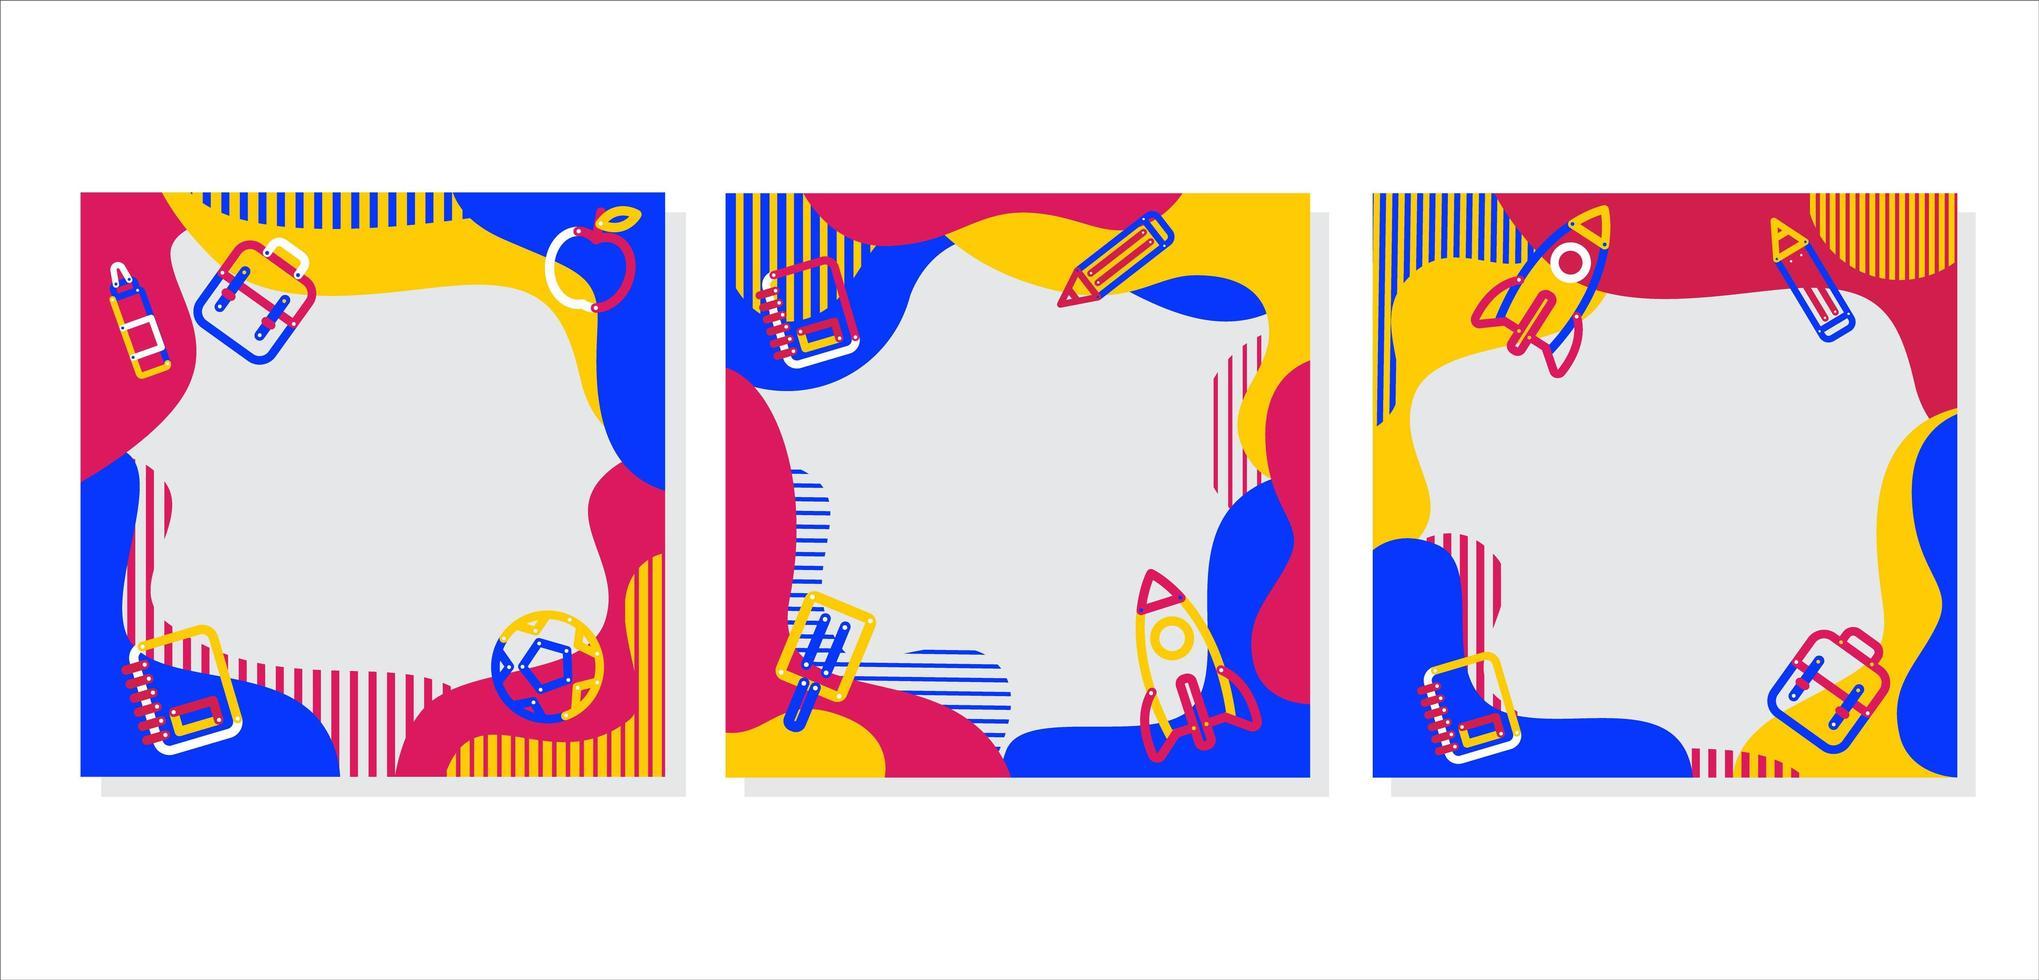 färgglada mönster och leveranser tillbaka till skolramar vektor